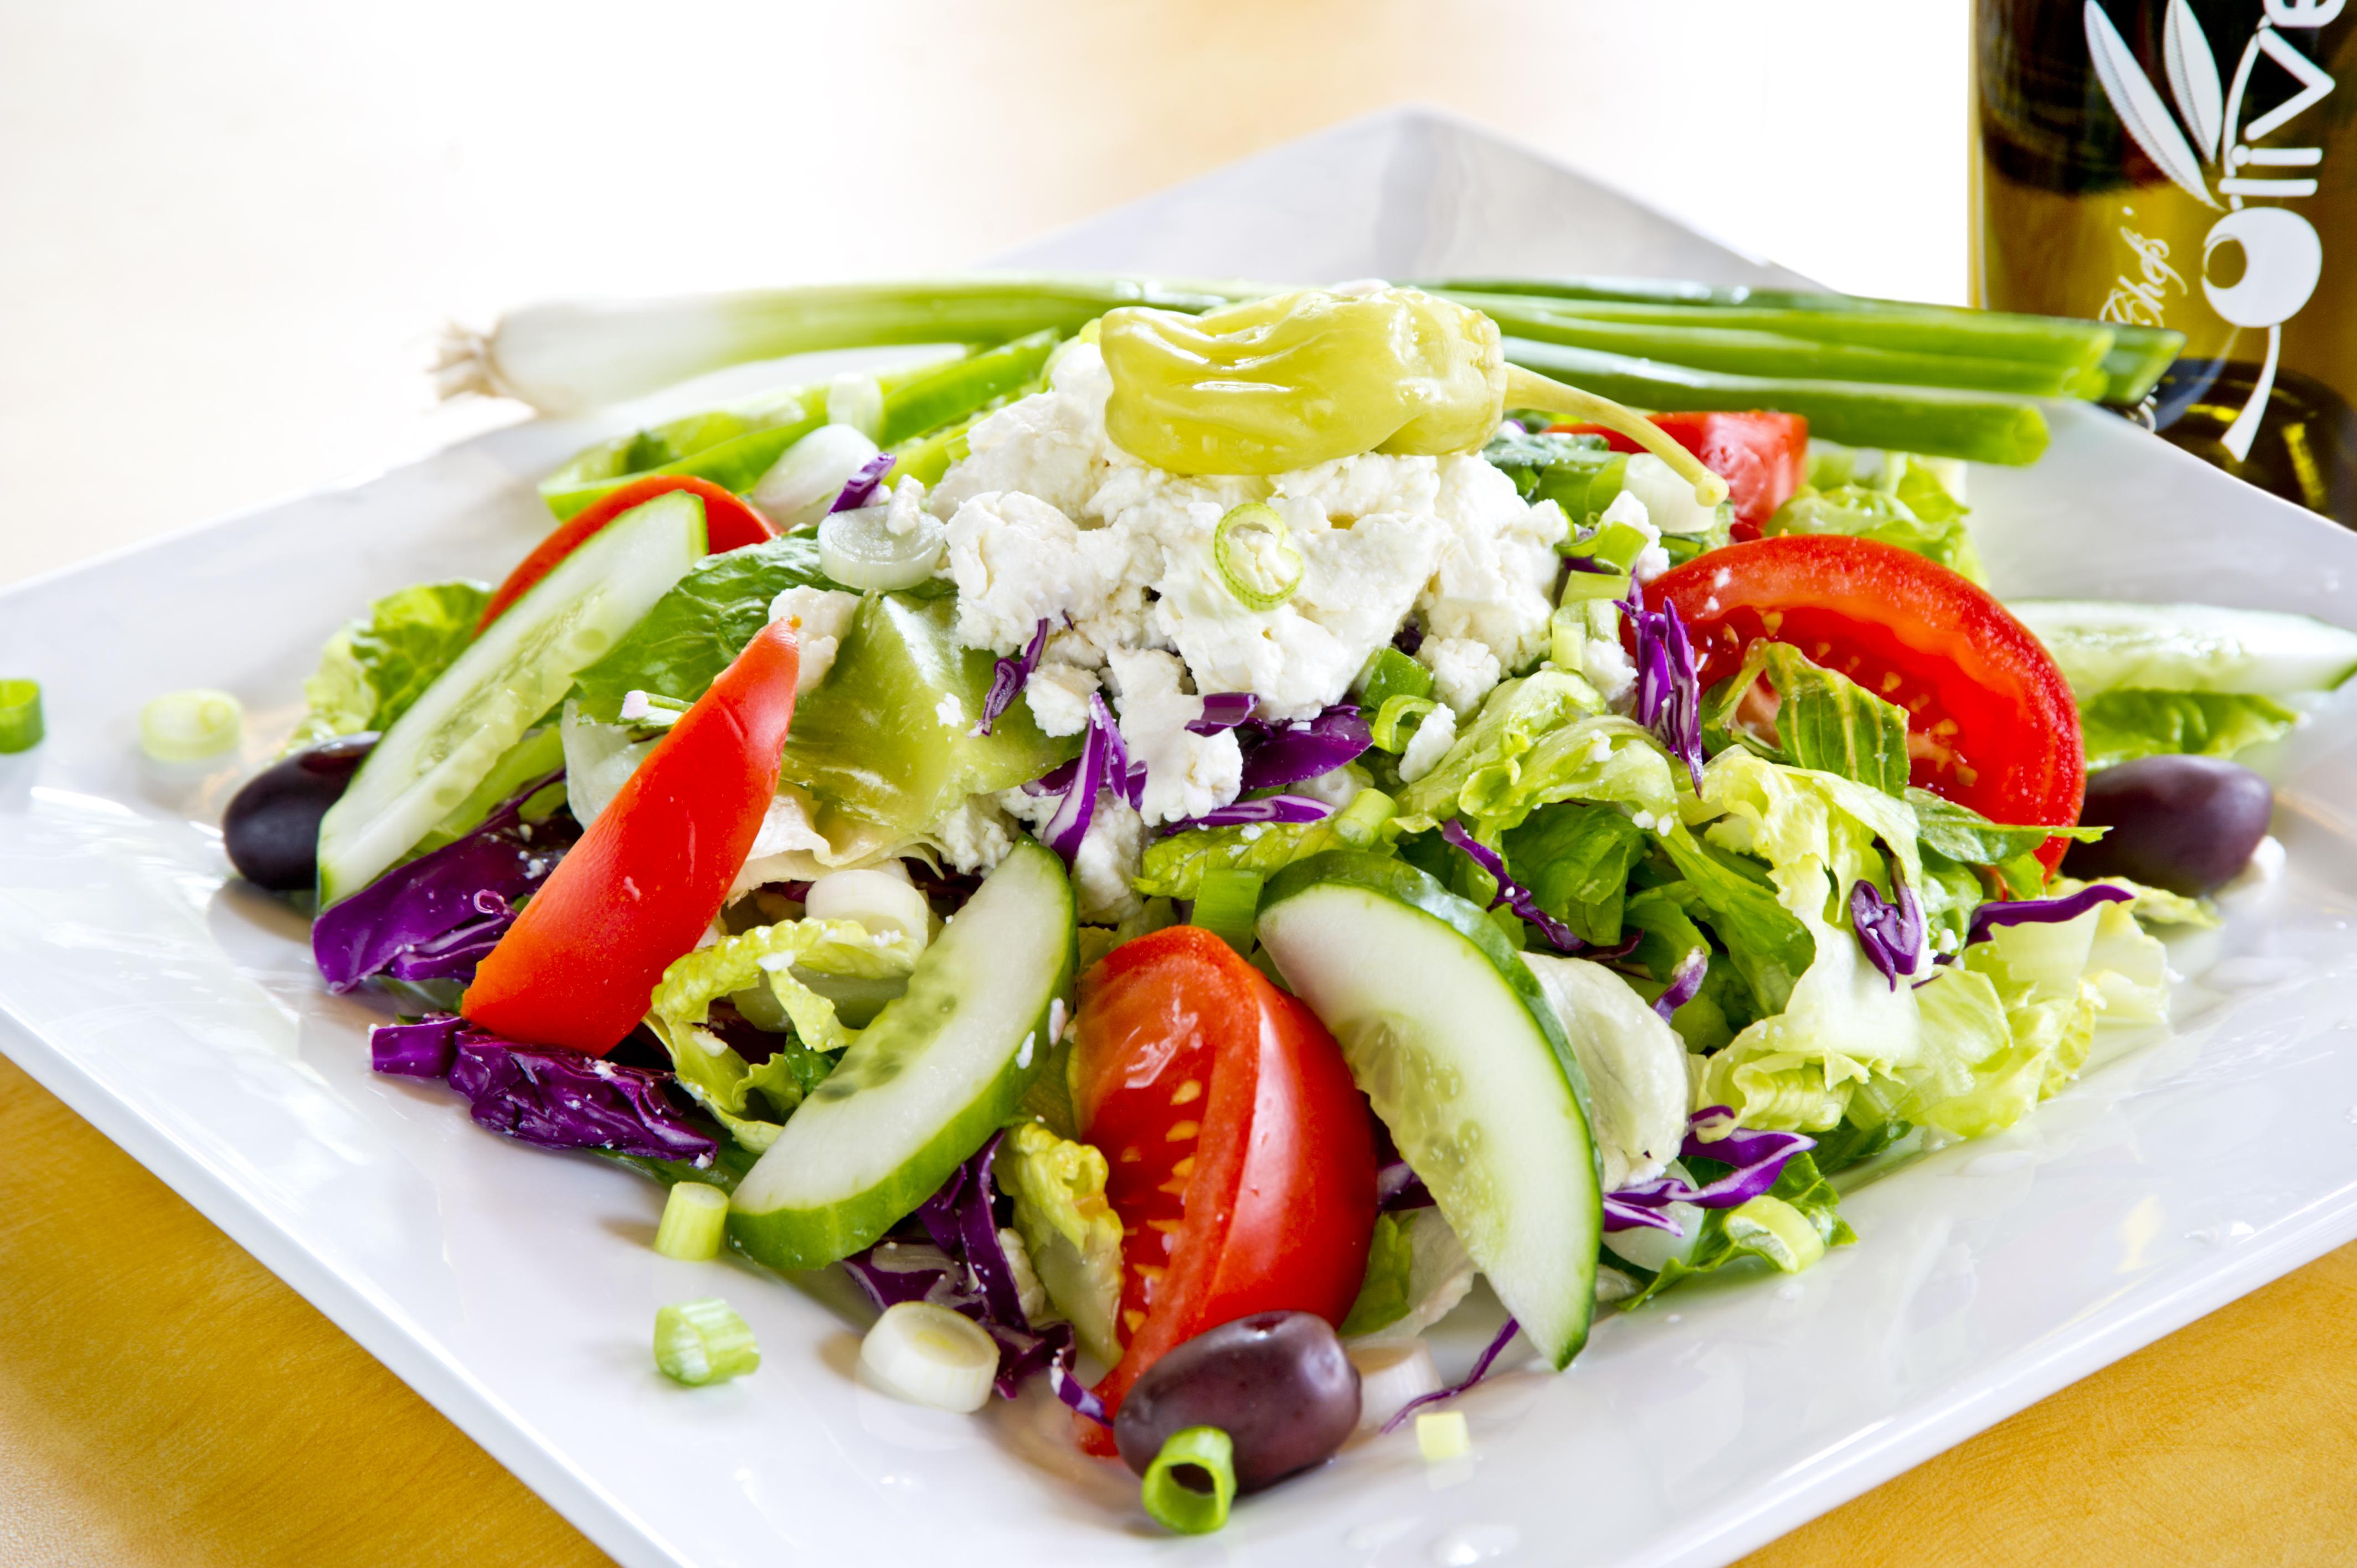 greek-salad-july-2013b.jpg?t=1426917130